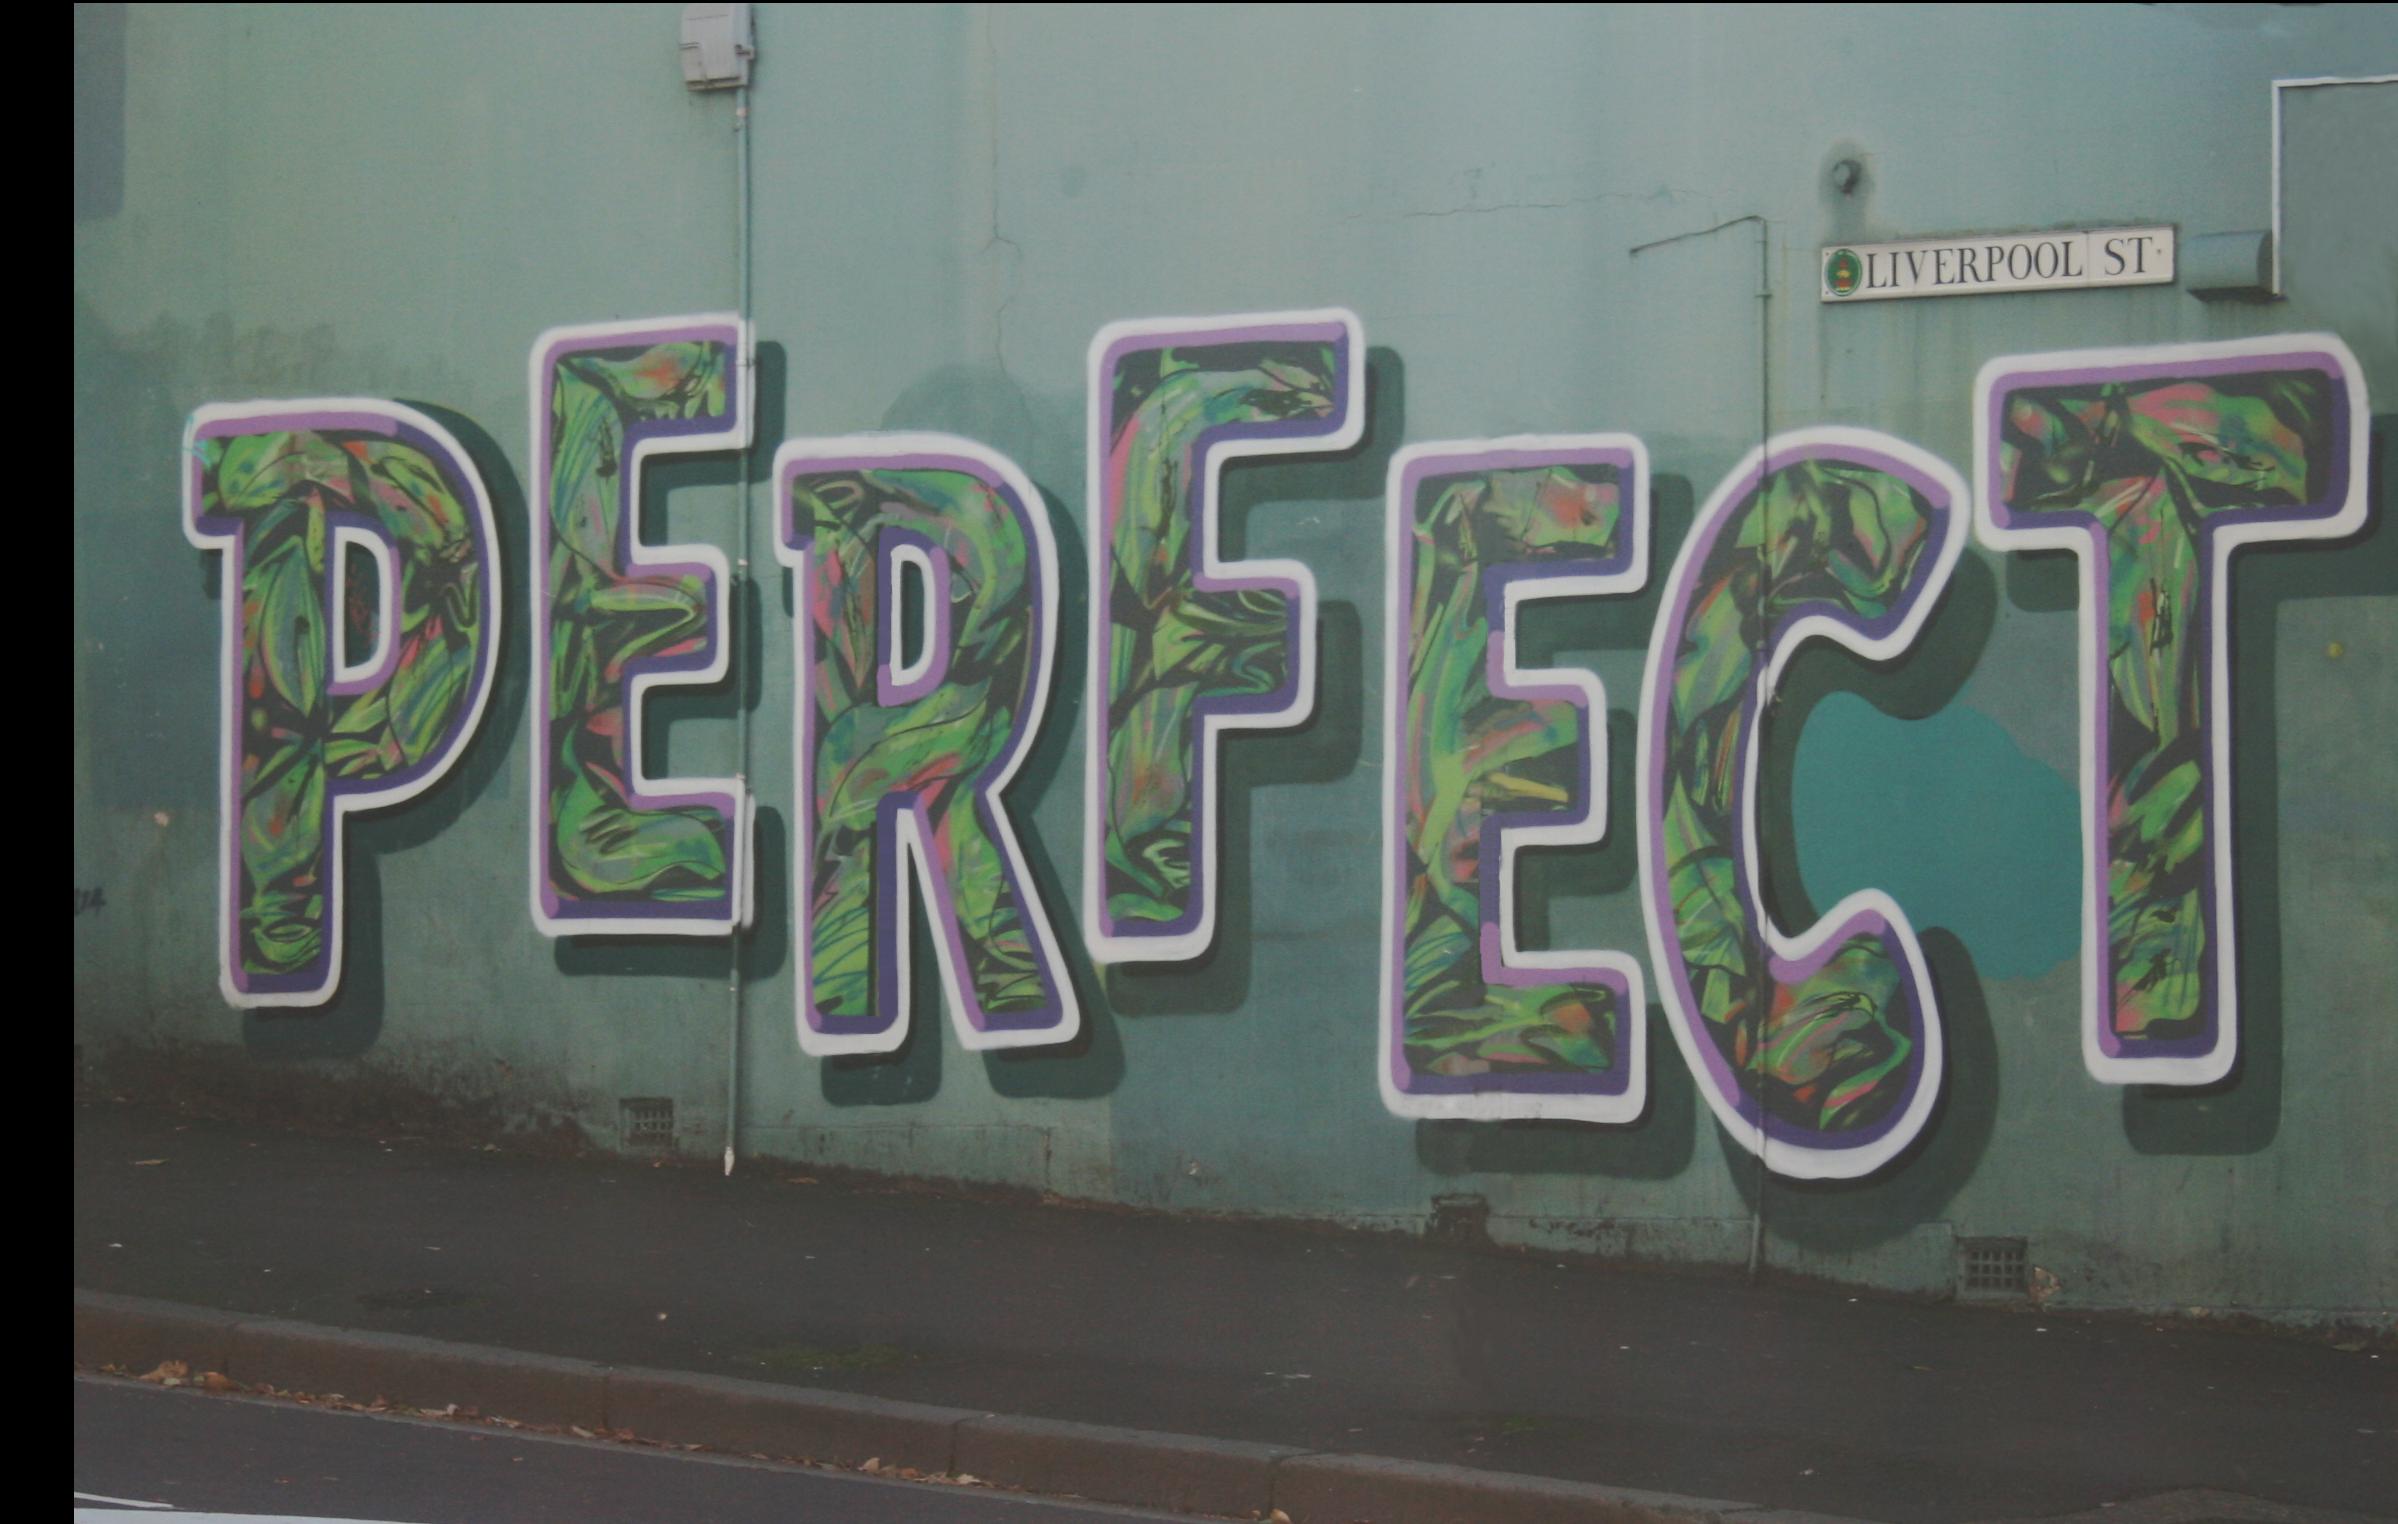 Perfektion?!